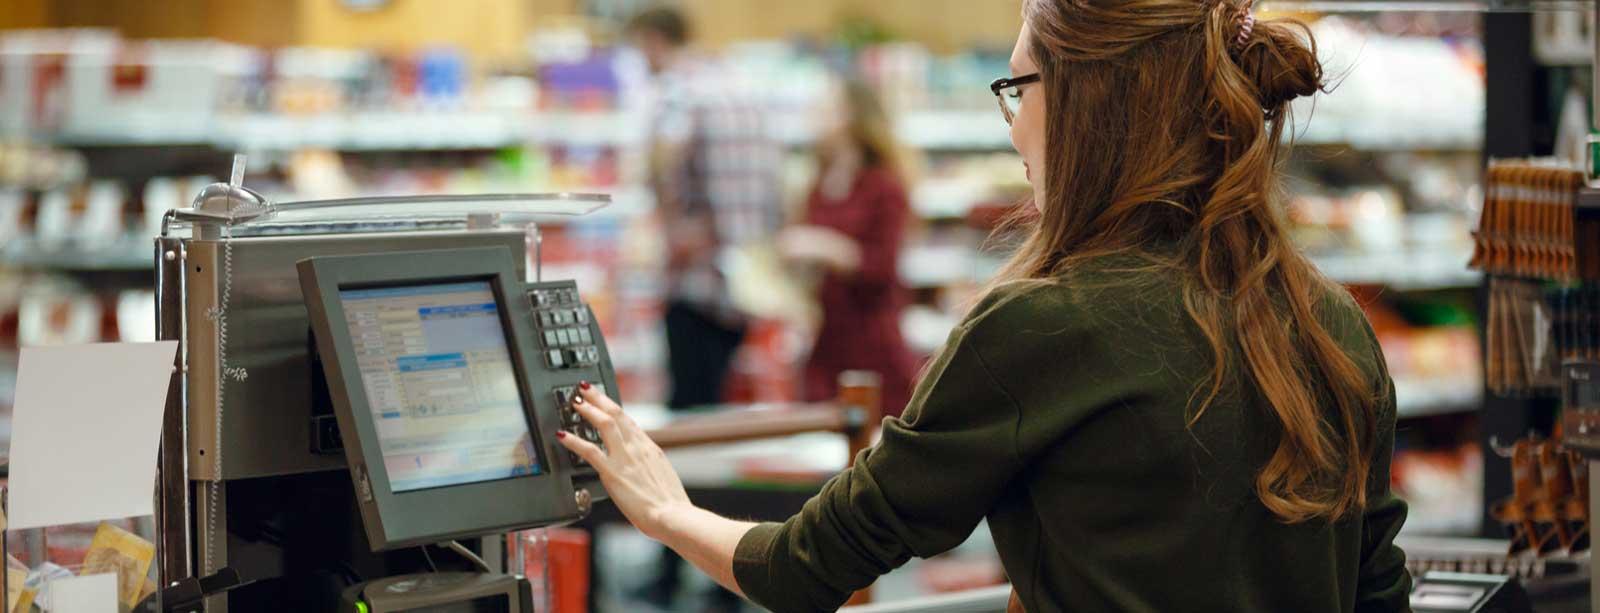 Microclima illuminazione supermercati